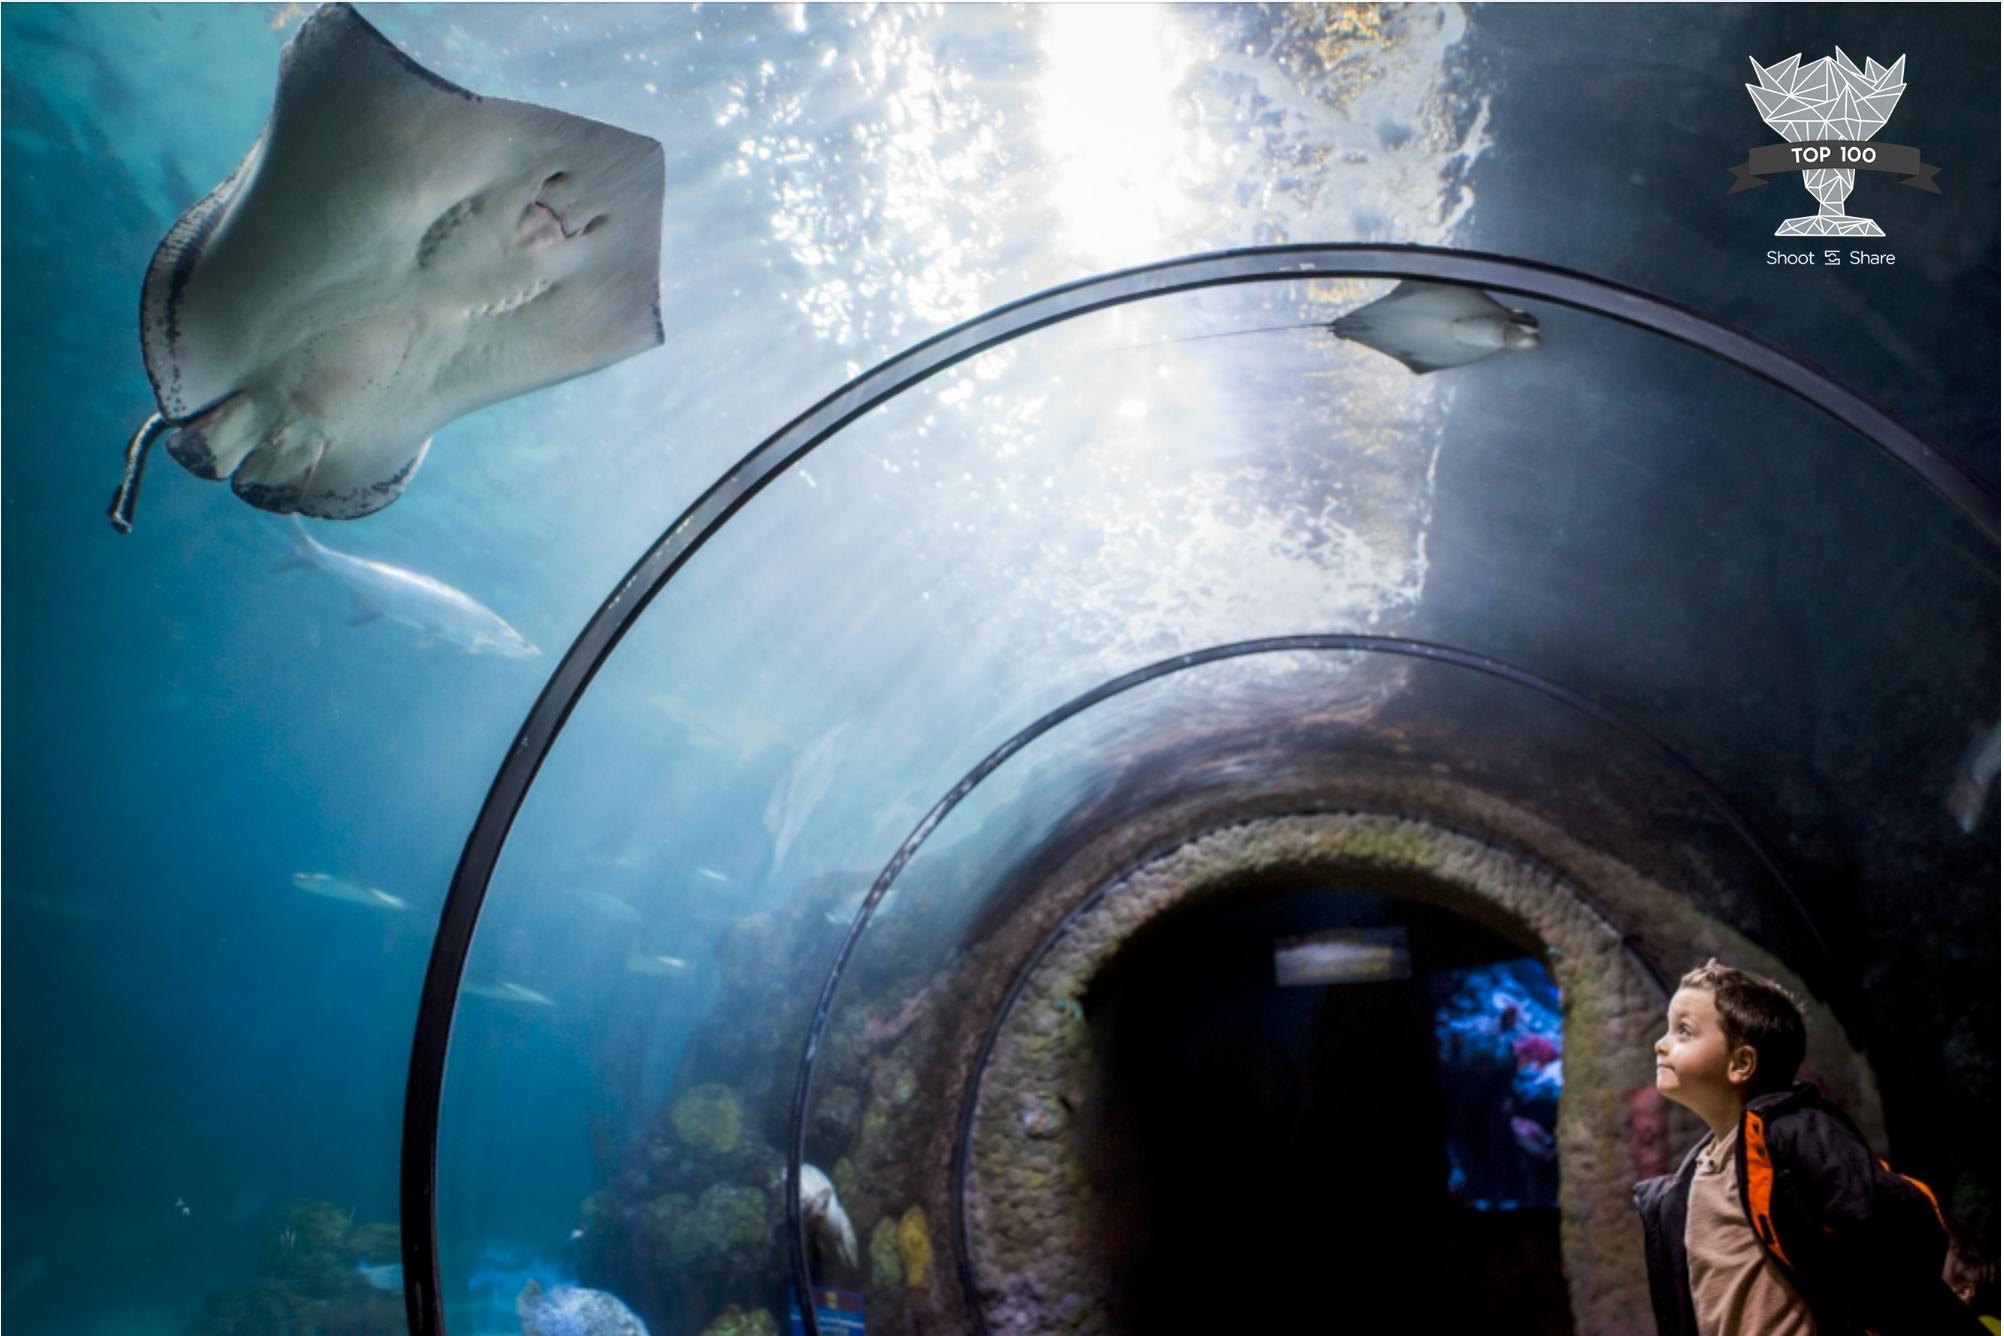 Denver Aquarium Candid Portrait - Lifestyle Category - 39th/ 10,719